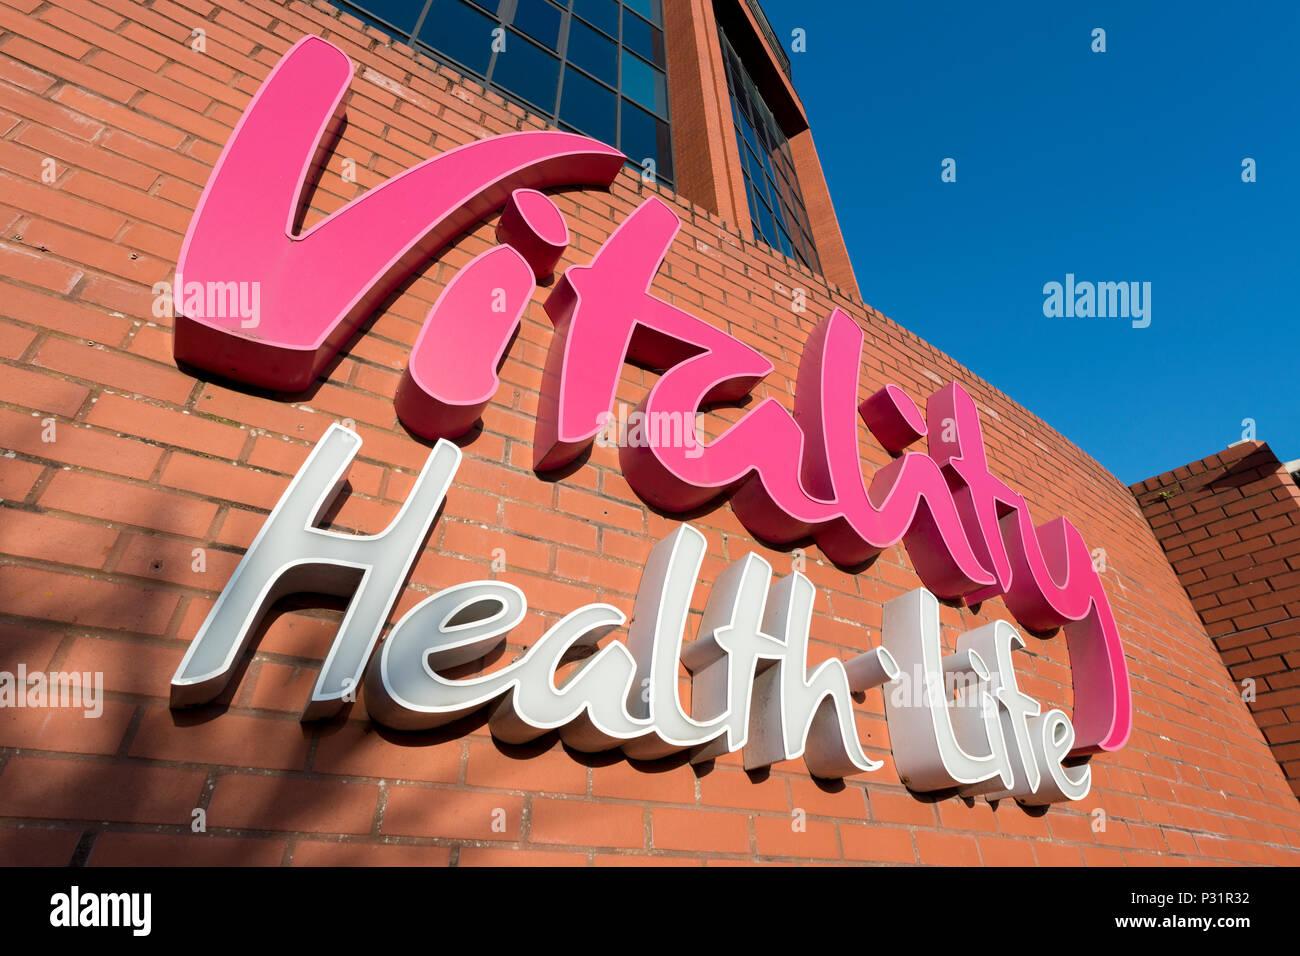 Digital Signage per la vitalità della compagnia di assicurazione sulla salute al di fuori della società edificio in Bournemouth. Immagini Stock